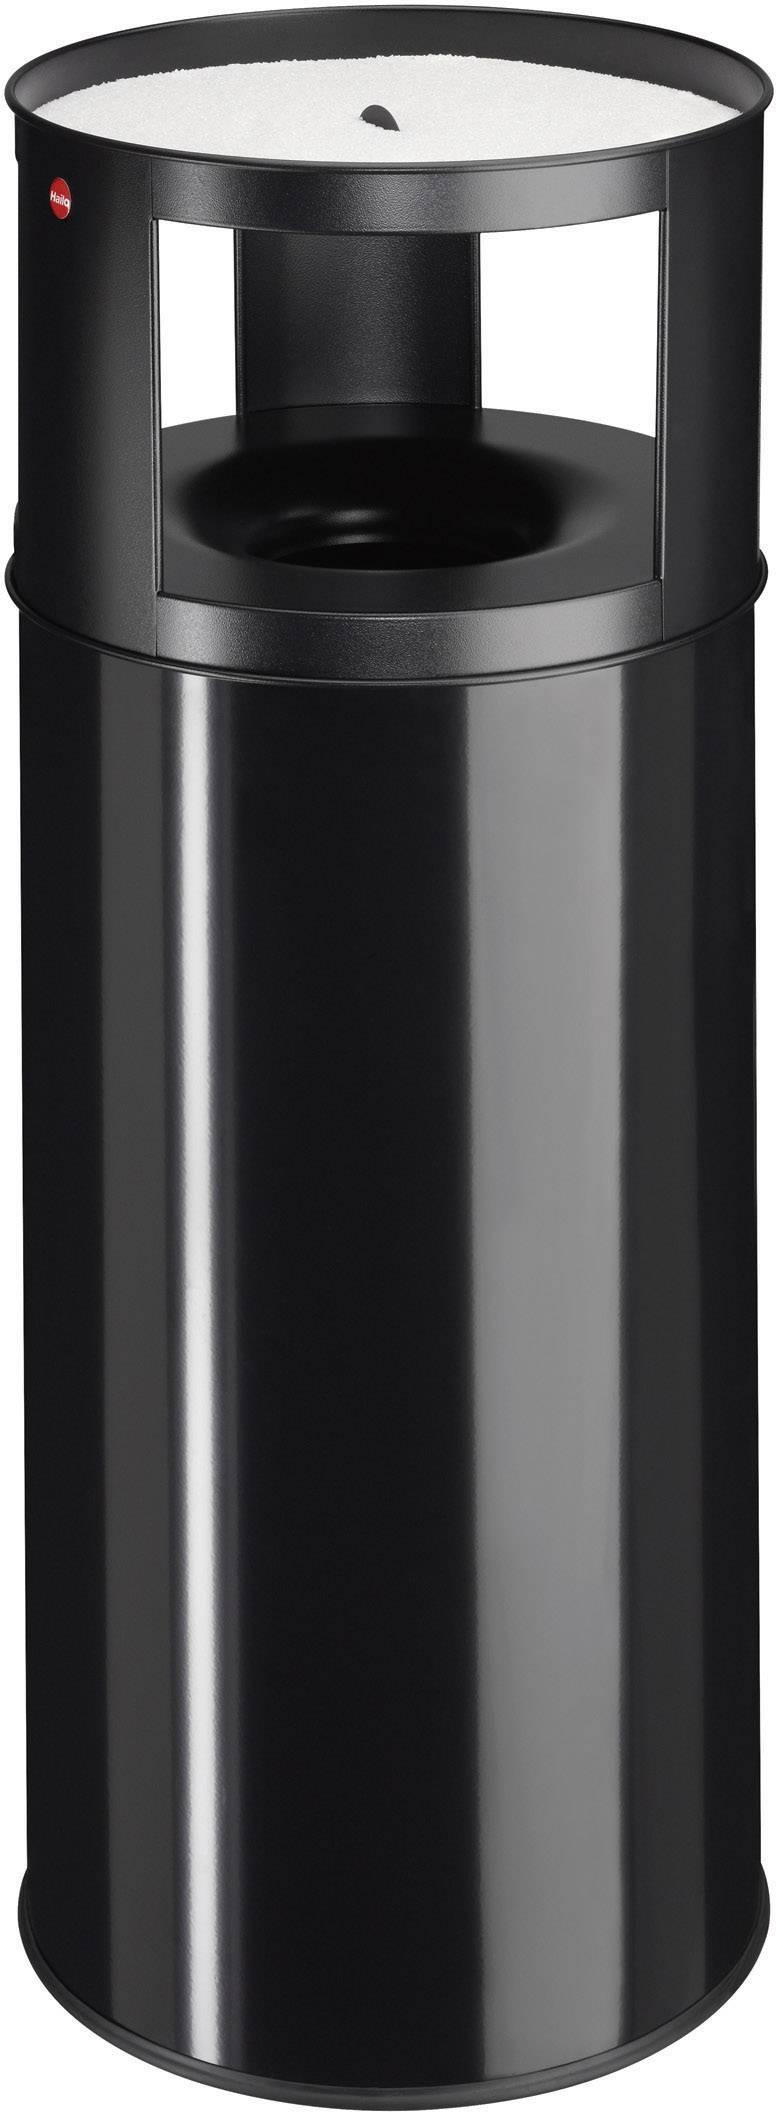 Odpadkový koš s popelníkem Hailo ProfiLine care XXL, 960 mm, Vnější Ø 390 mm, 75 l, černá